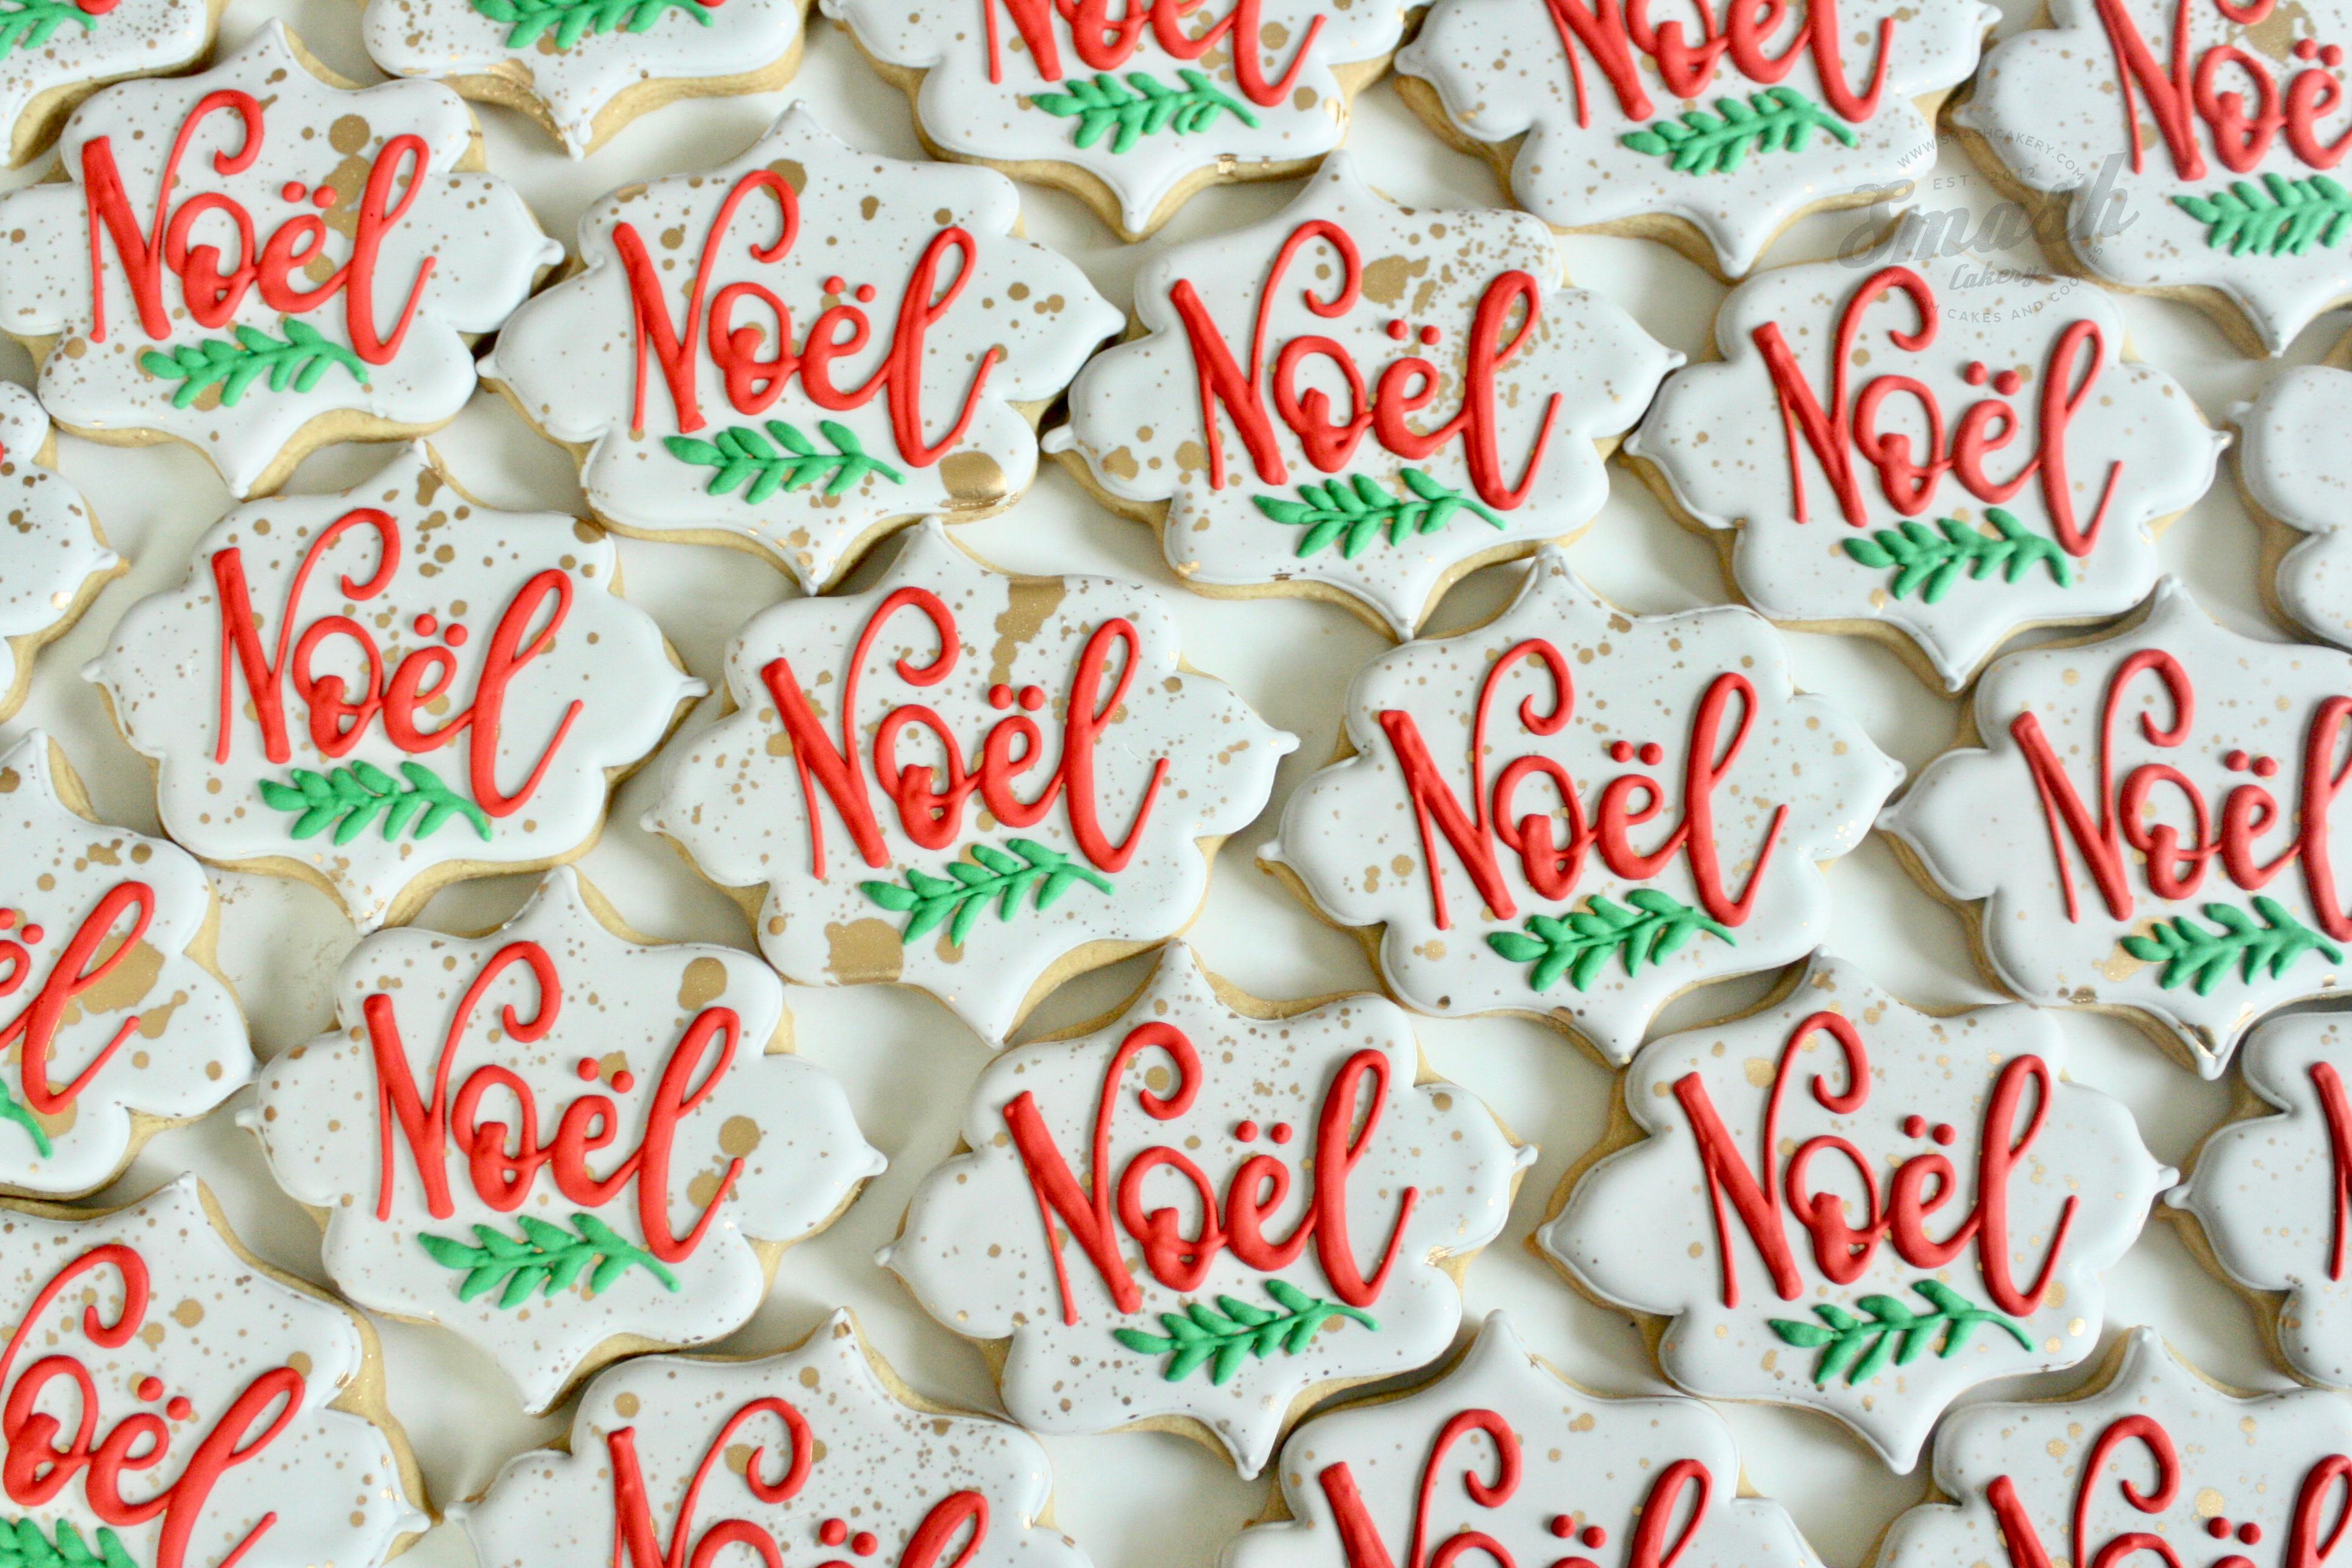 noelcookies